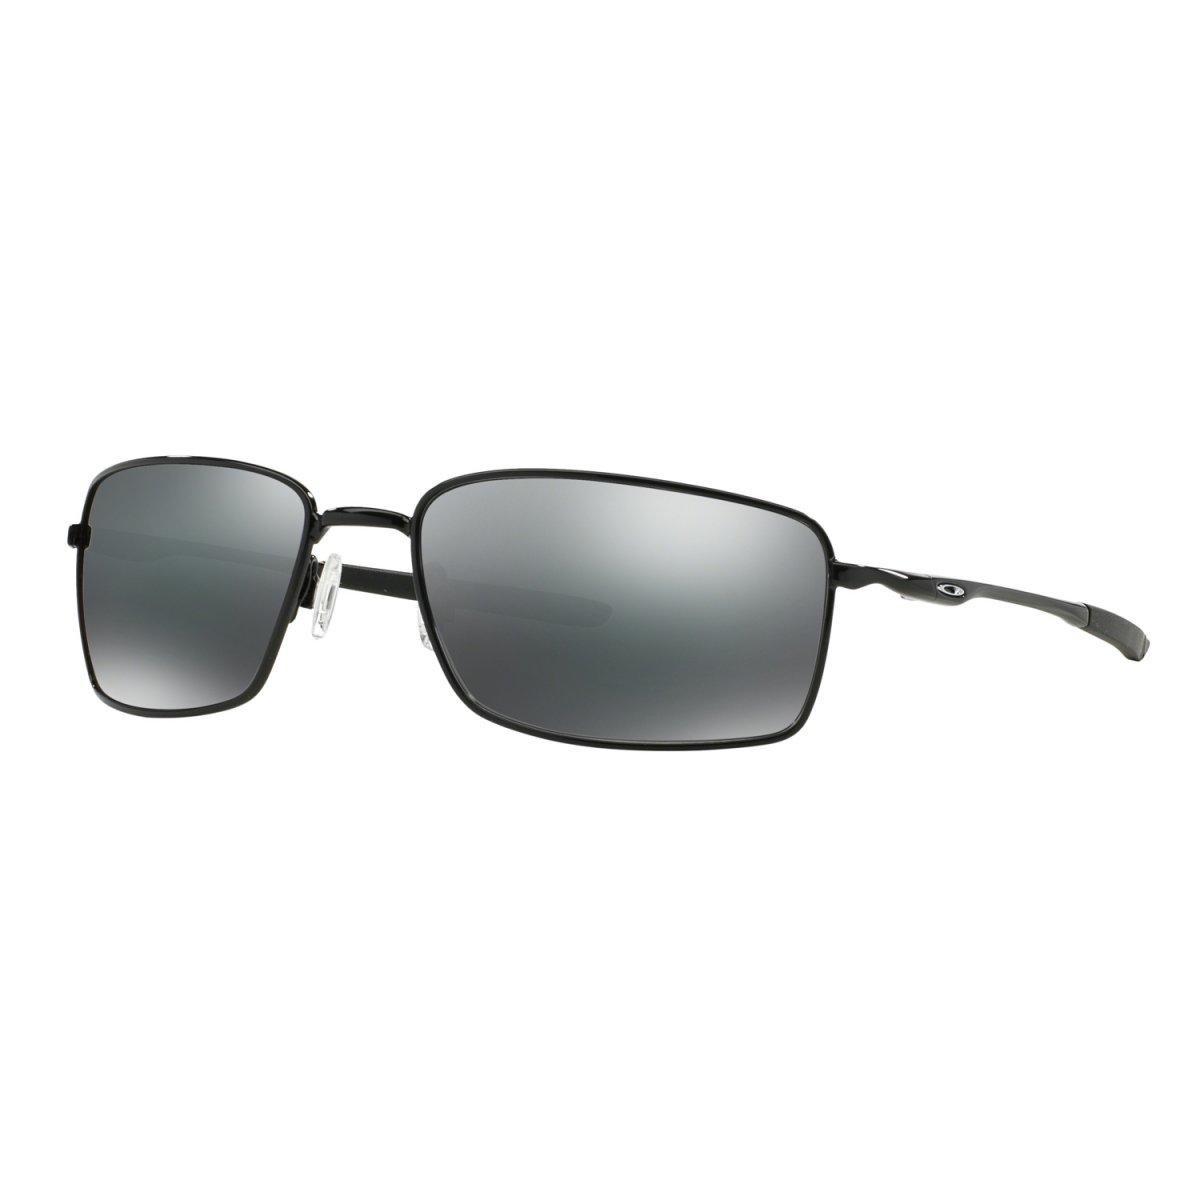 3c3fff9fa Óculos de Sol Masculino Oakley | Óculos de Sol Oakley Square Wire ...